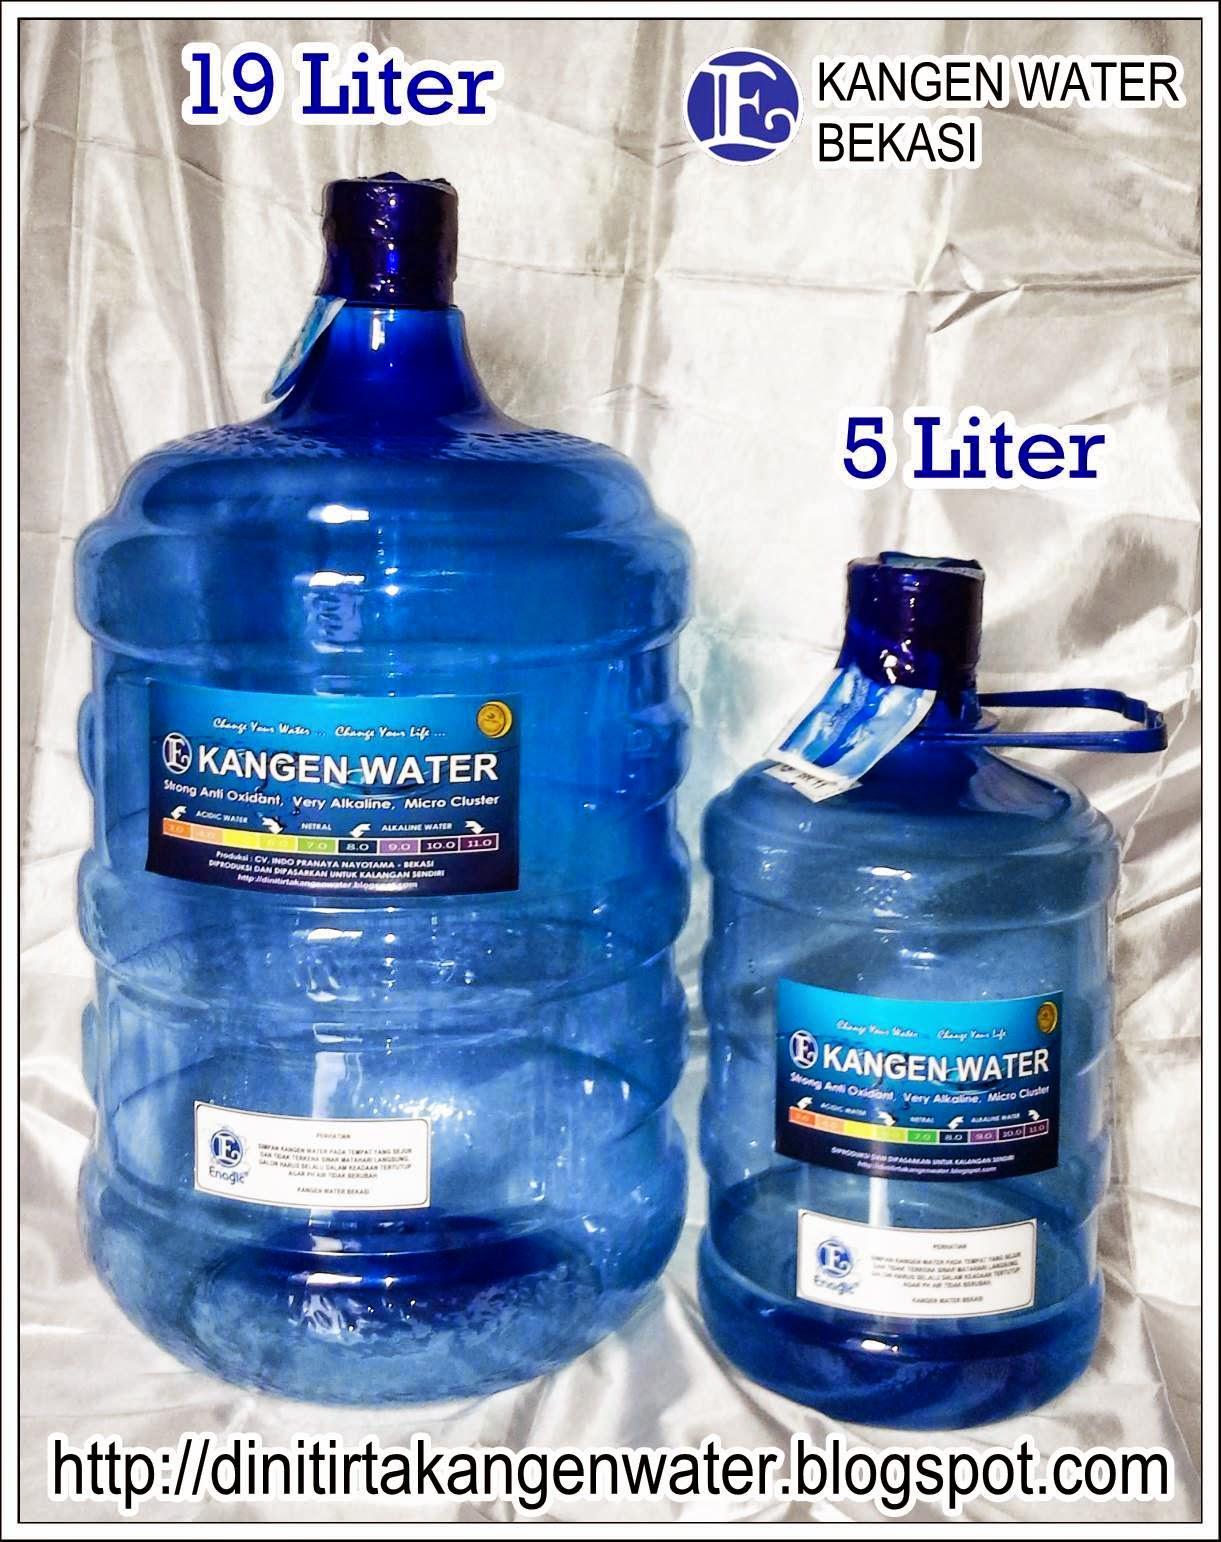 harga air kangen water 19 liter